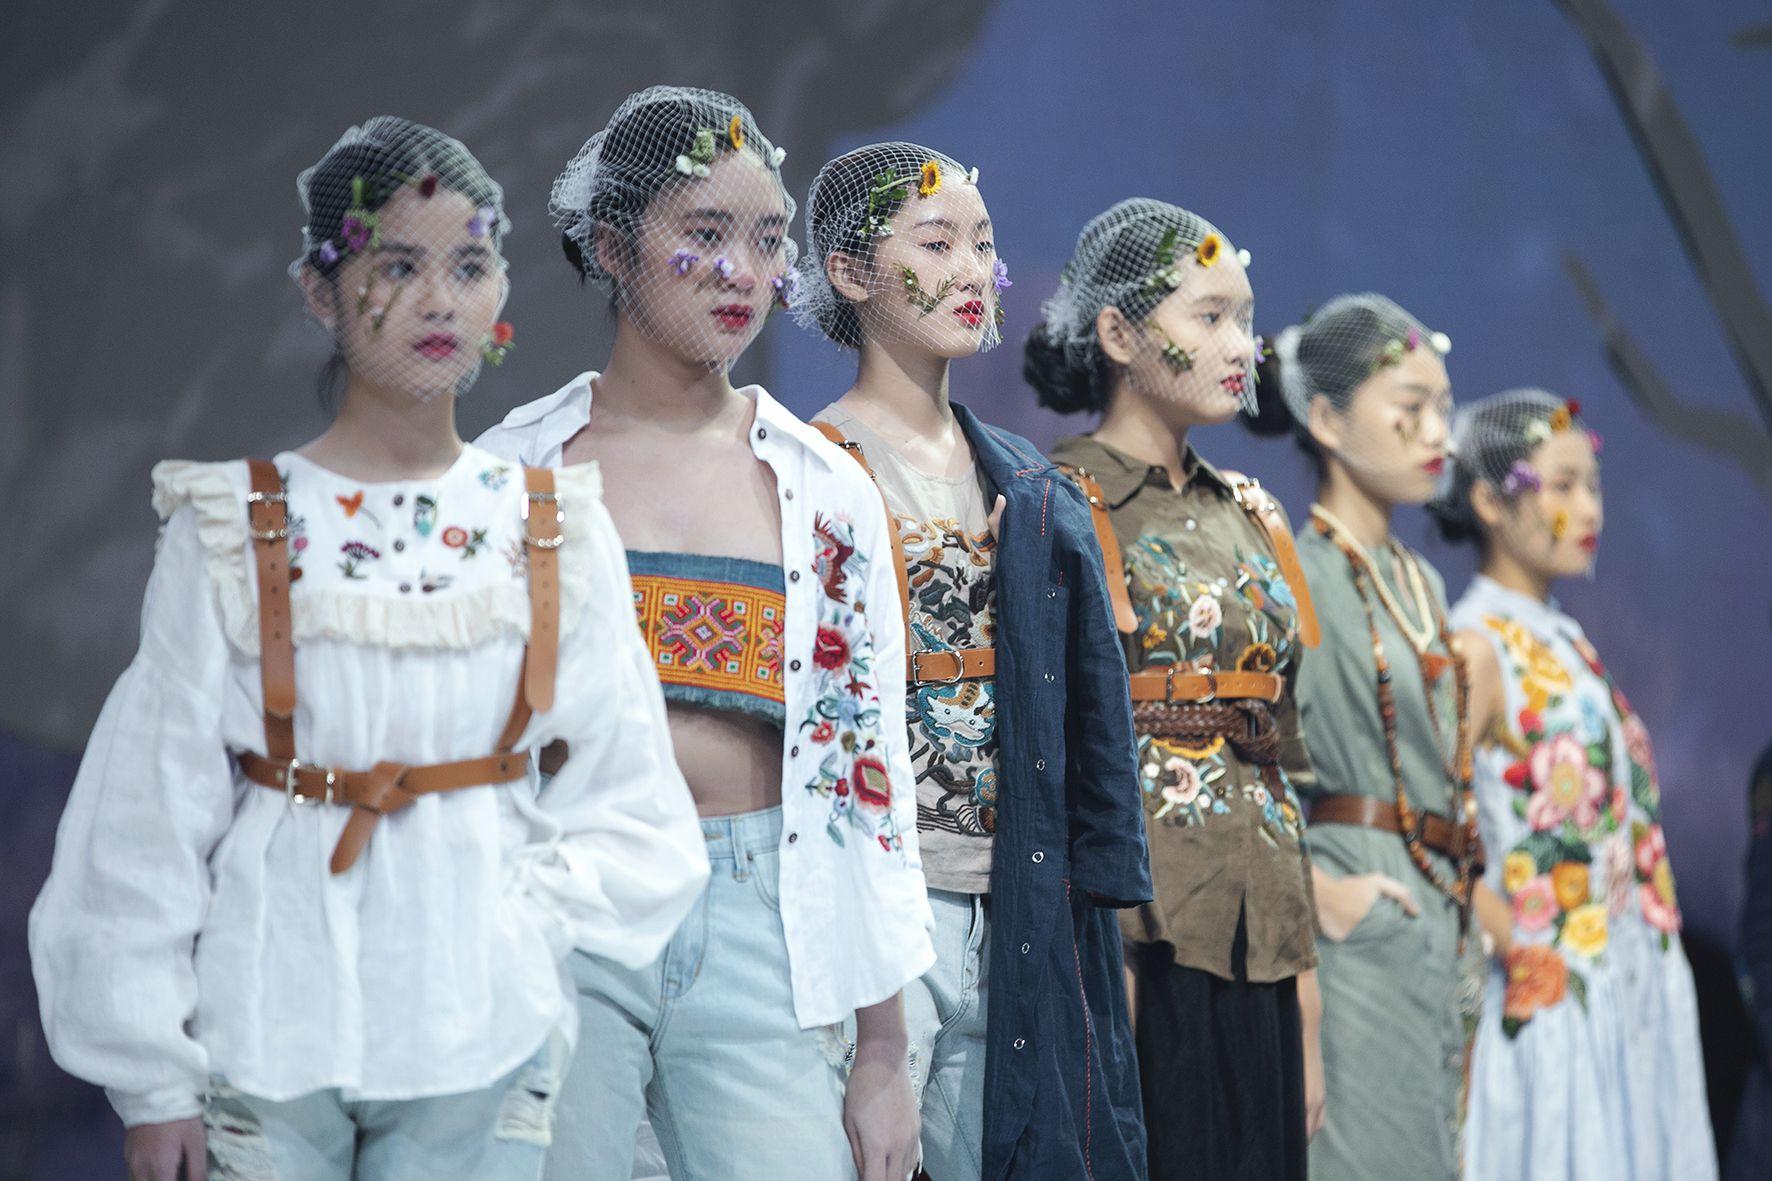 """Lần đầu tiên đưa """"quý tử"""" lên sàn catwalk, vợ chồng Lương Thế Thành - Trúc Diễm khép lại Tuần lễ thời trang trẻ em 2020 - Ảnh 2."""